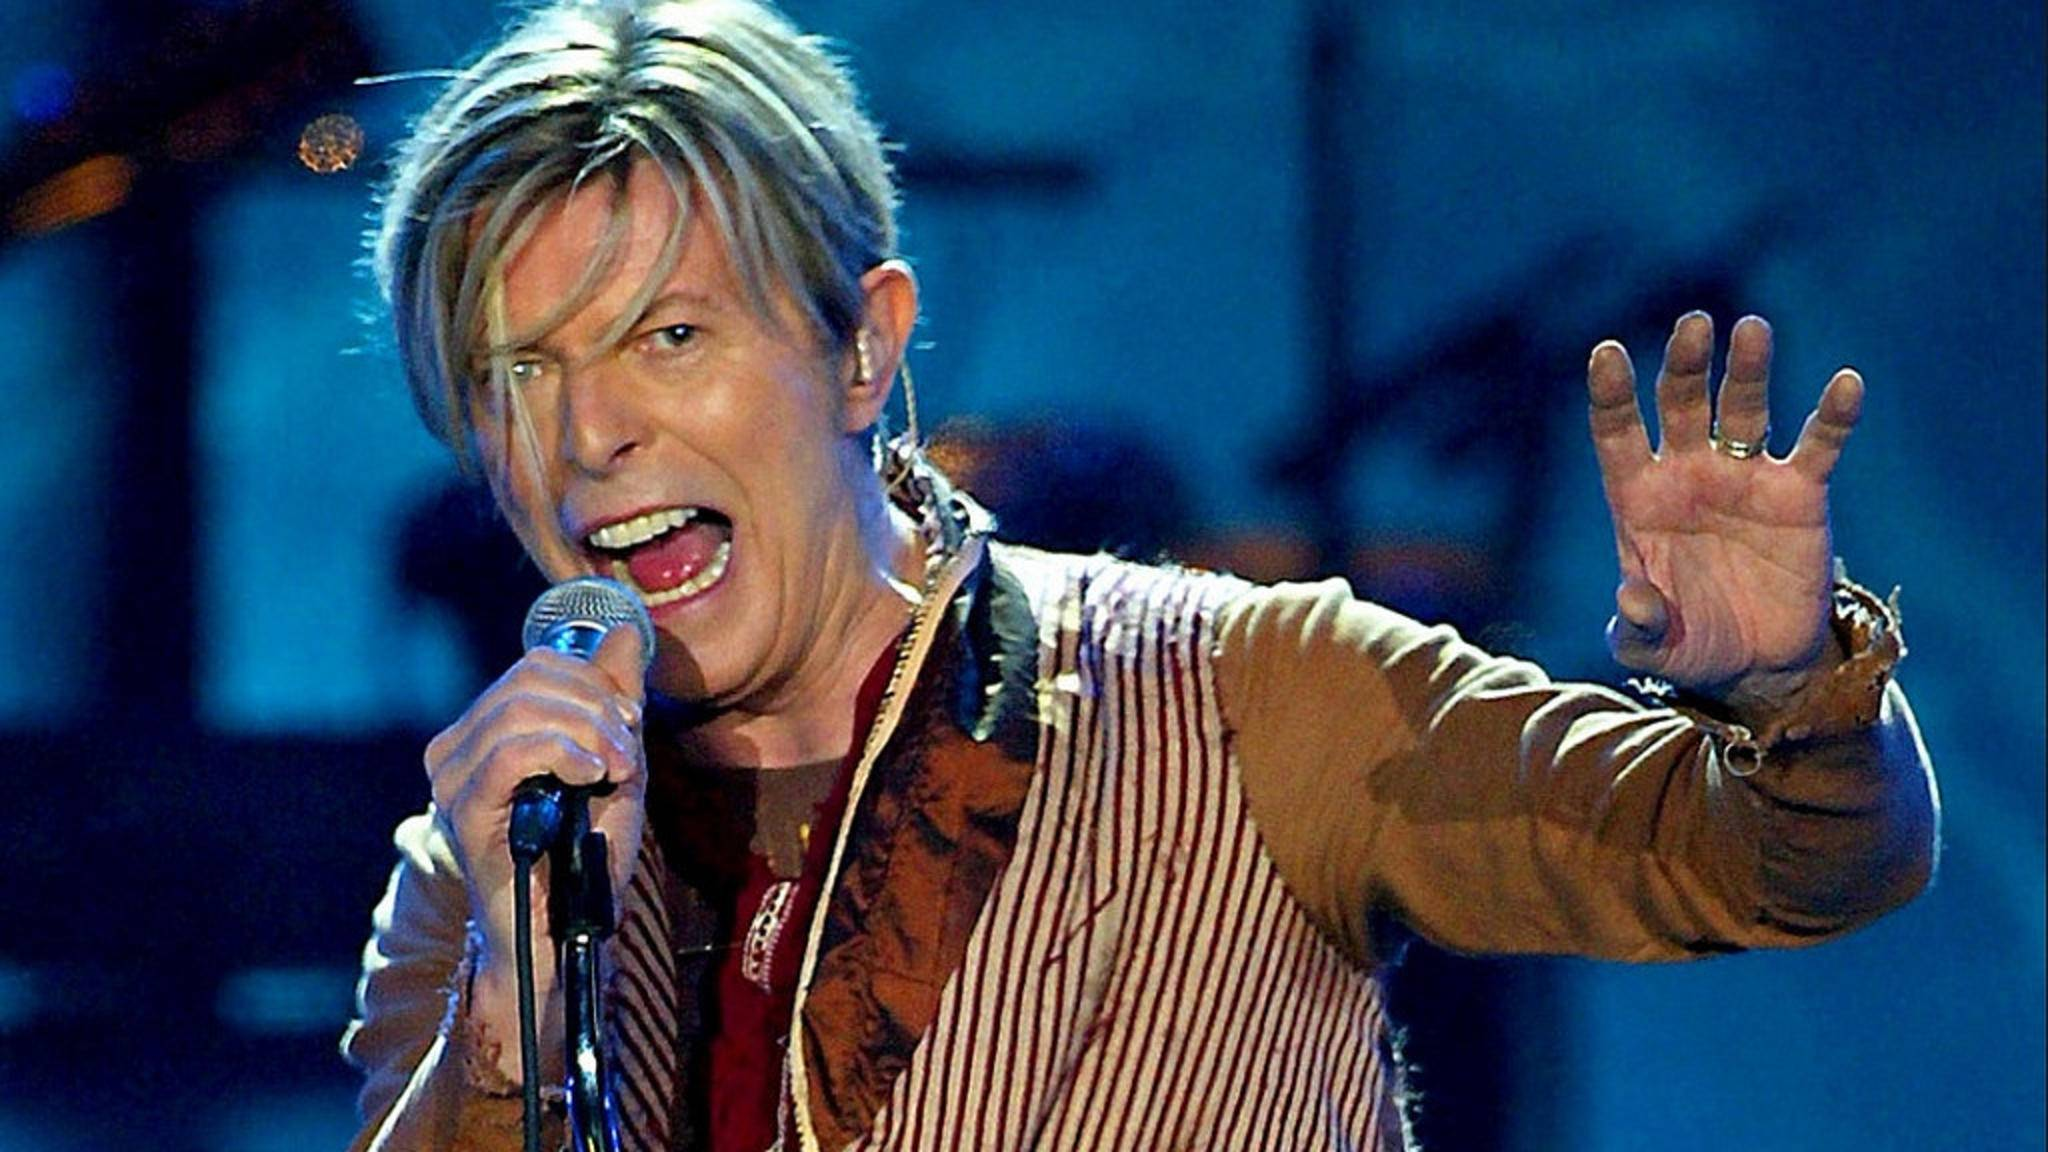 Die britische Royal Mail bringt Briefmarken mit David Bowies Albumcovern auf den Markt.